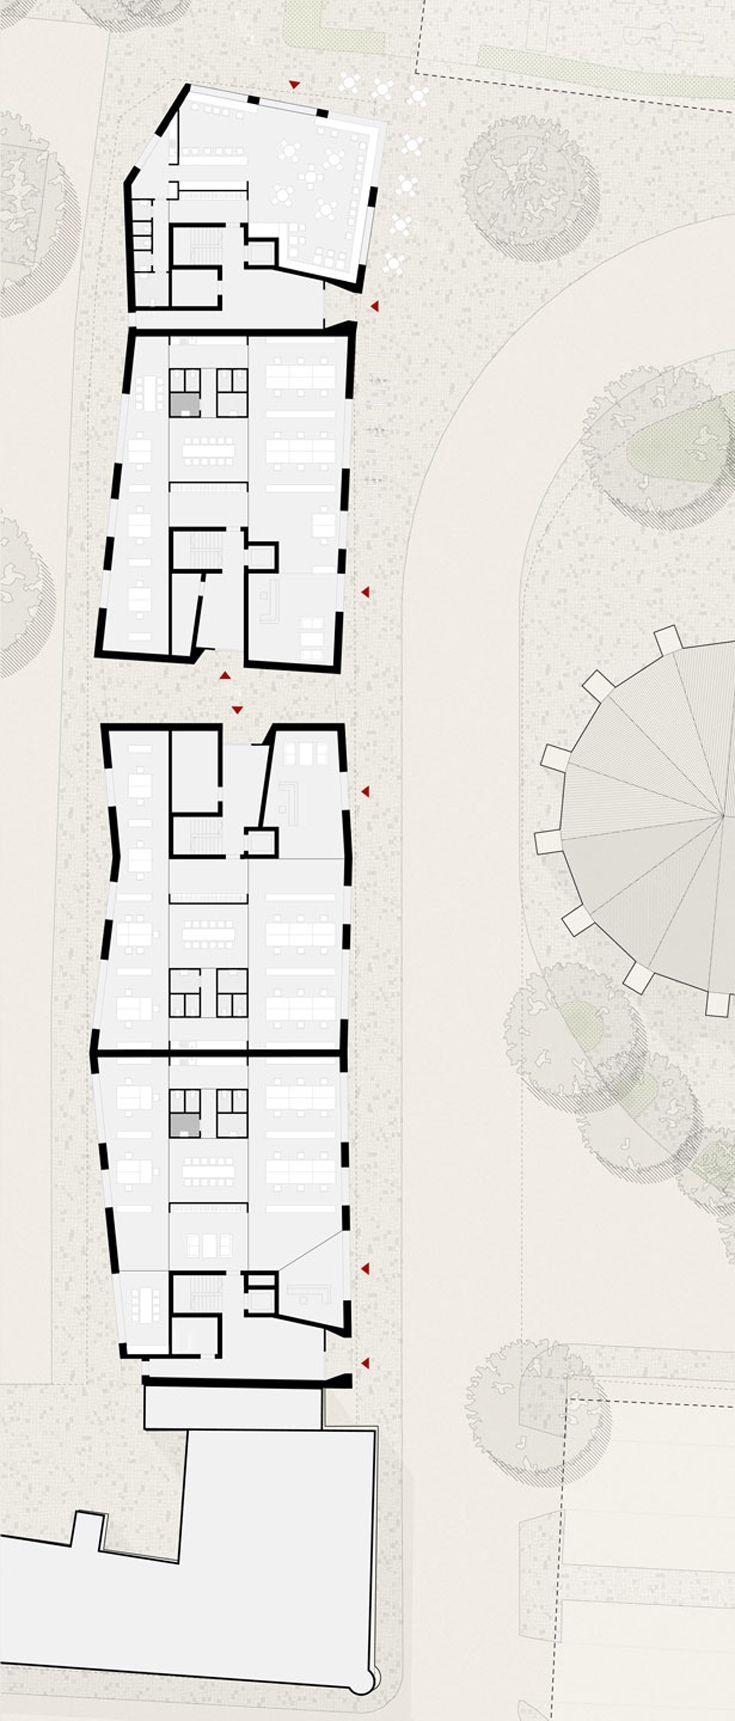 Wohn- und Geschäftsgebäude Frankfurt am Oder  | Michels Architekturbüro  Wettbewerb Große Oderstraße Grundriss Erdgeschoss Gewerbeeinheiten Geneigte Firstlinien, leichte Knicke in der Hausachse und strukturierte Putzoberflächen definieren die einzelnen Gebäudeteile und fügen den Neubau mit seinen modernen Materialien behutsam in den historischen Kontext ein. Dachdeckung mit dunklen Metallschindeln.